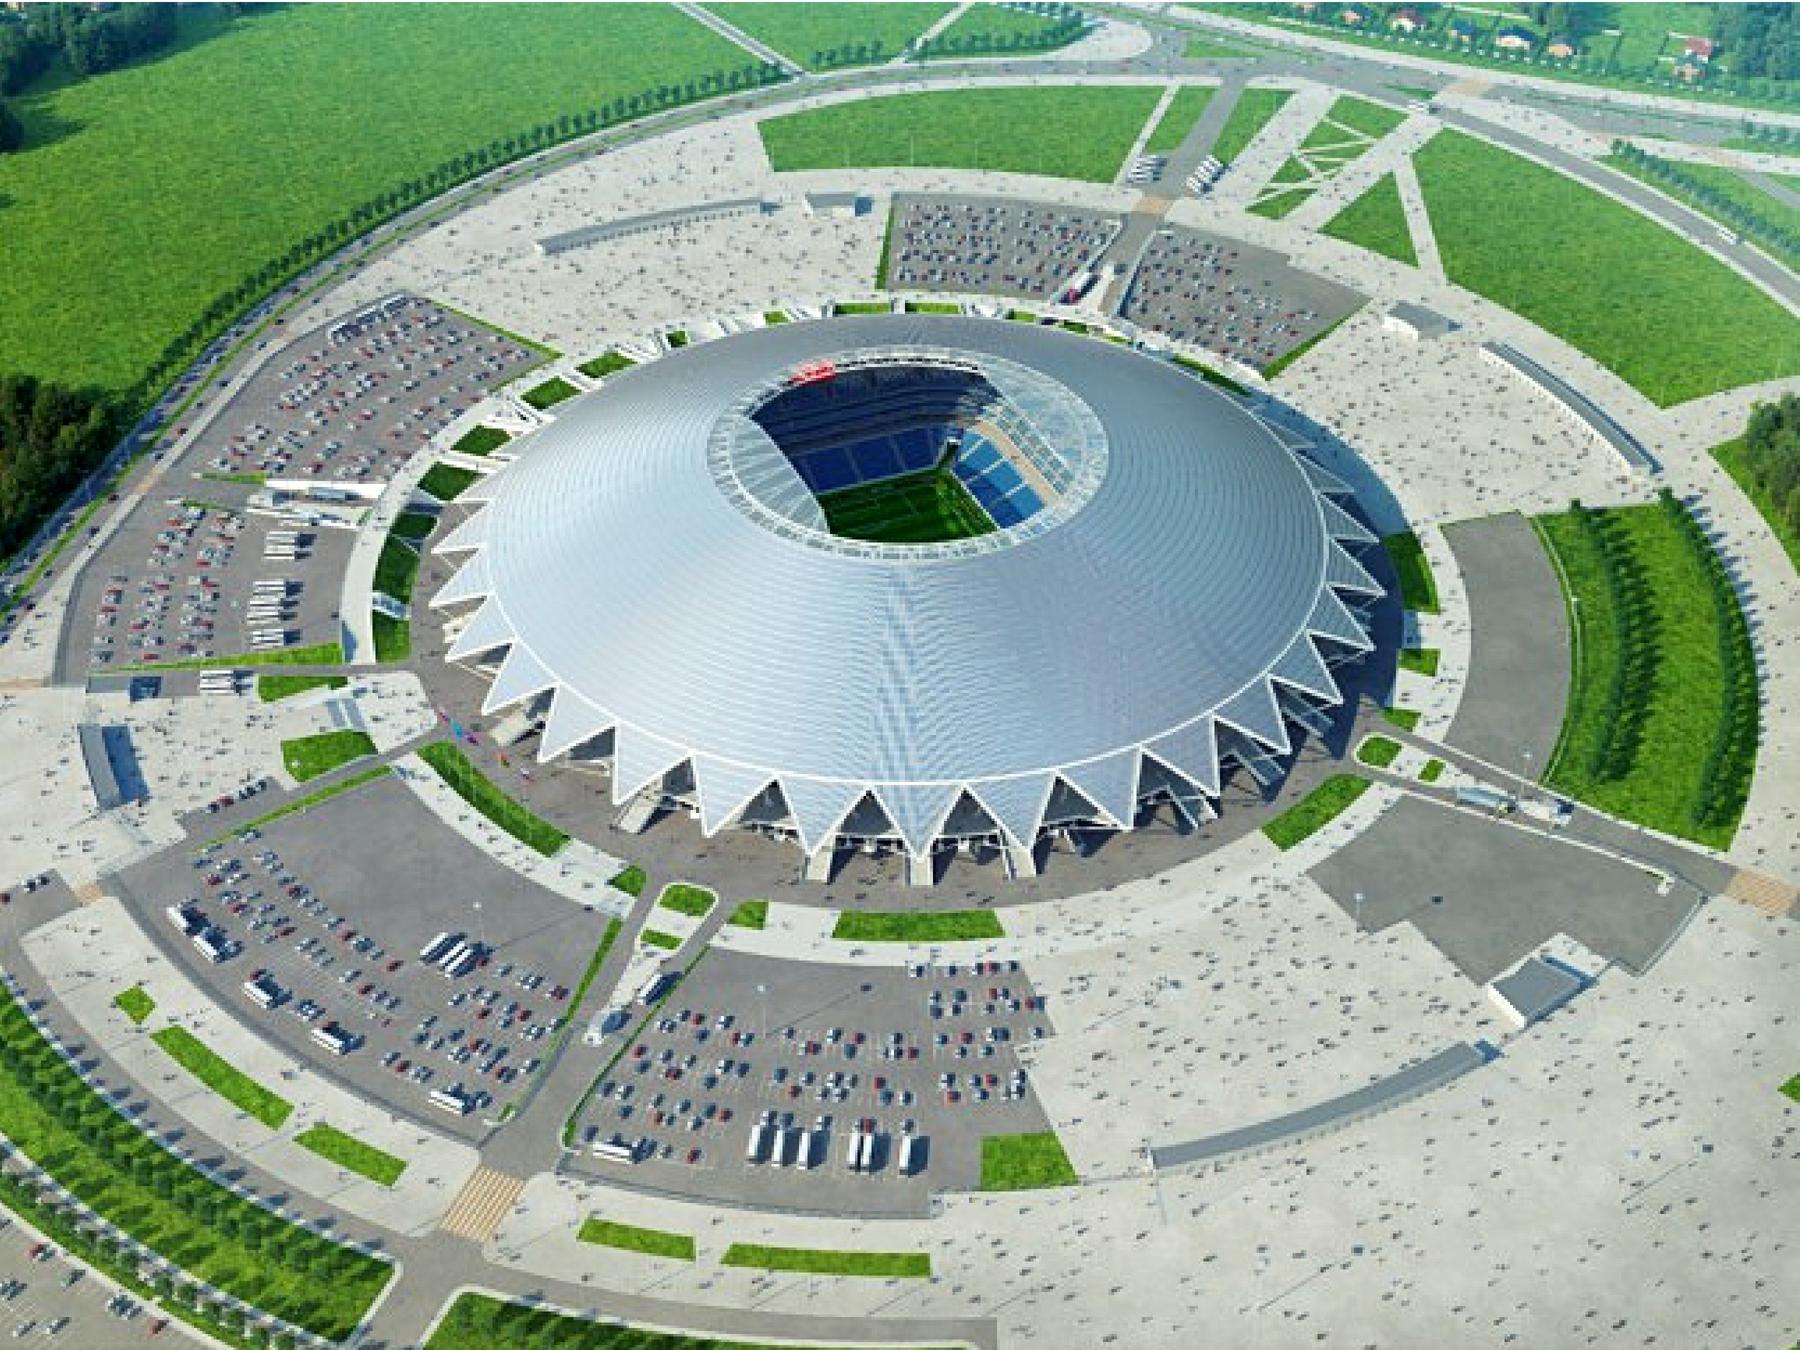 estádios-mais-legais-do-mundo-Calendário-da-copa-Samara Os 20 estádios mais legais do mundo Calendário Copa 2018